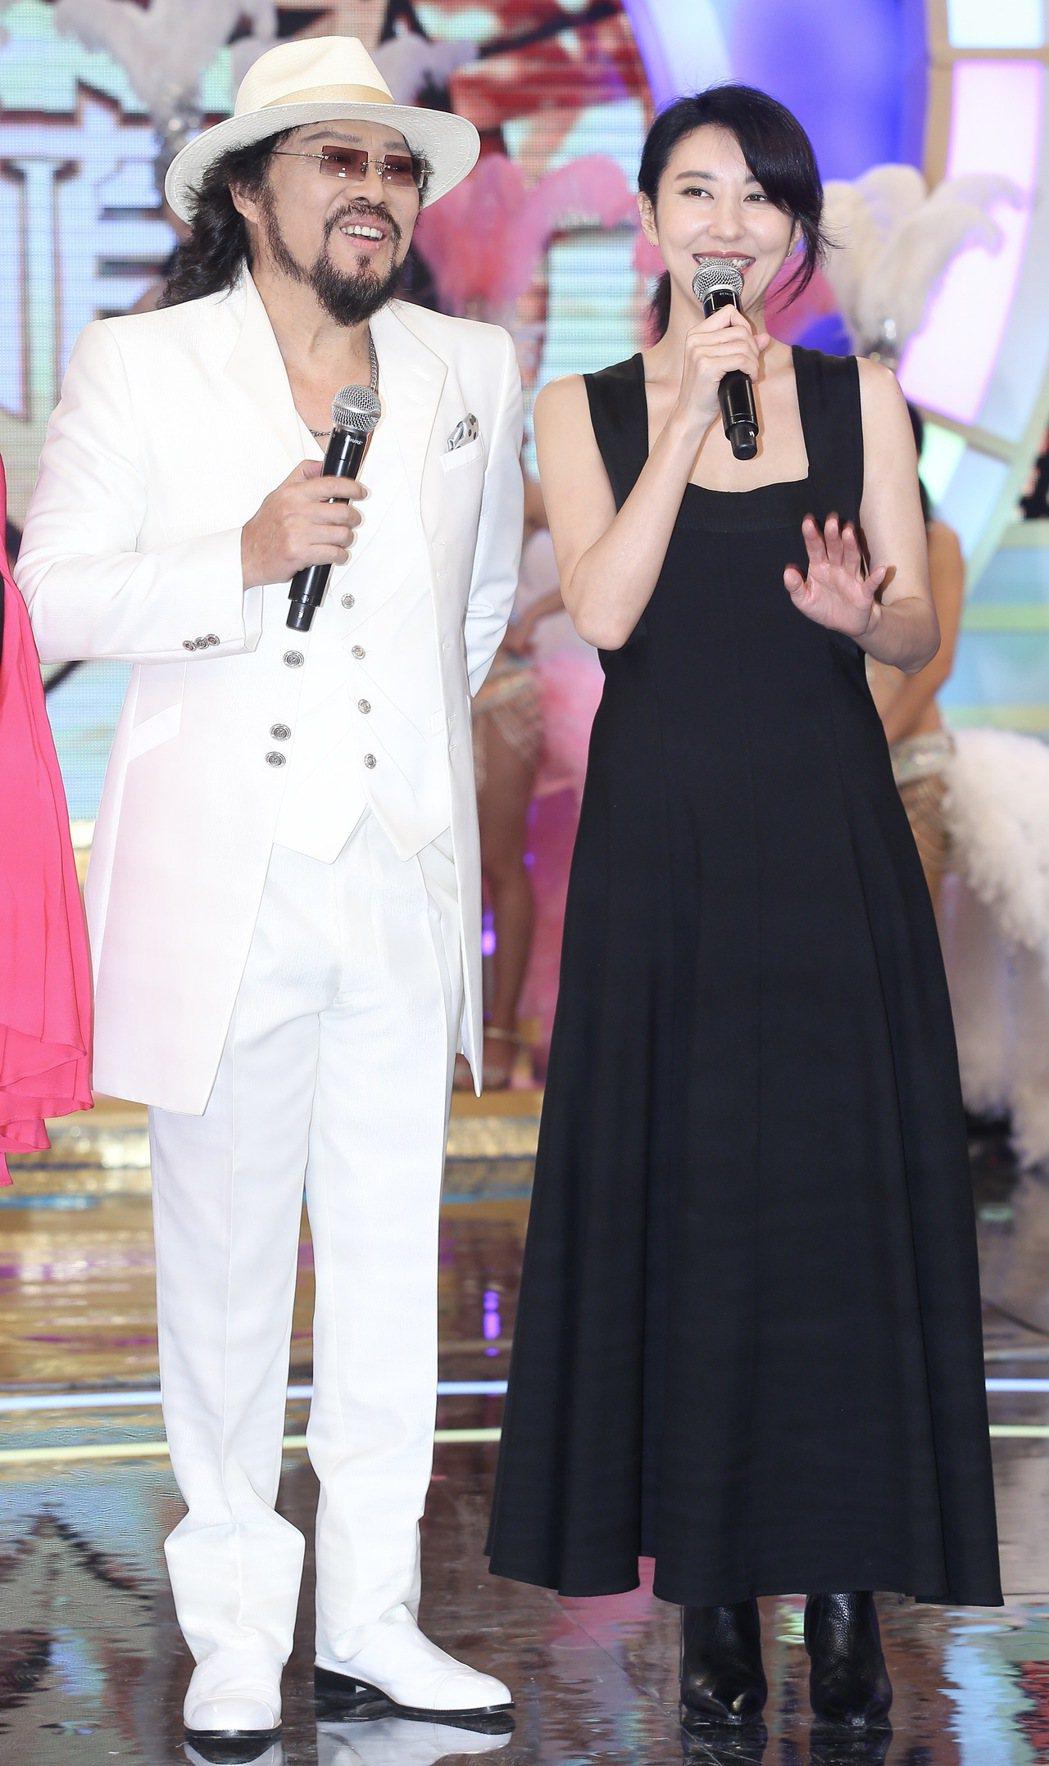 張菲(左)為新節目「綜藝菲常讚」舉行記者會,韓星金元萱(右)特地從韓國飛來站台。...